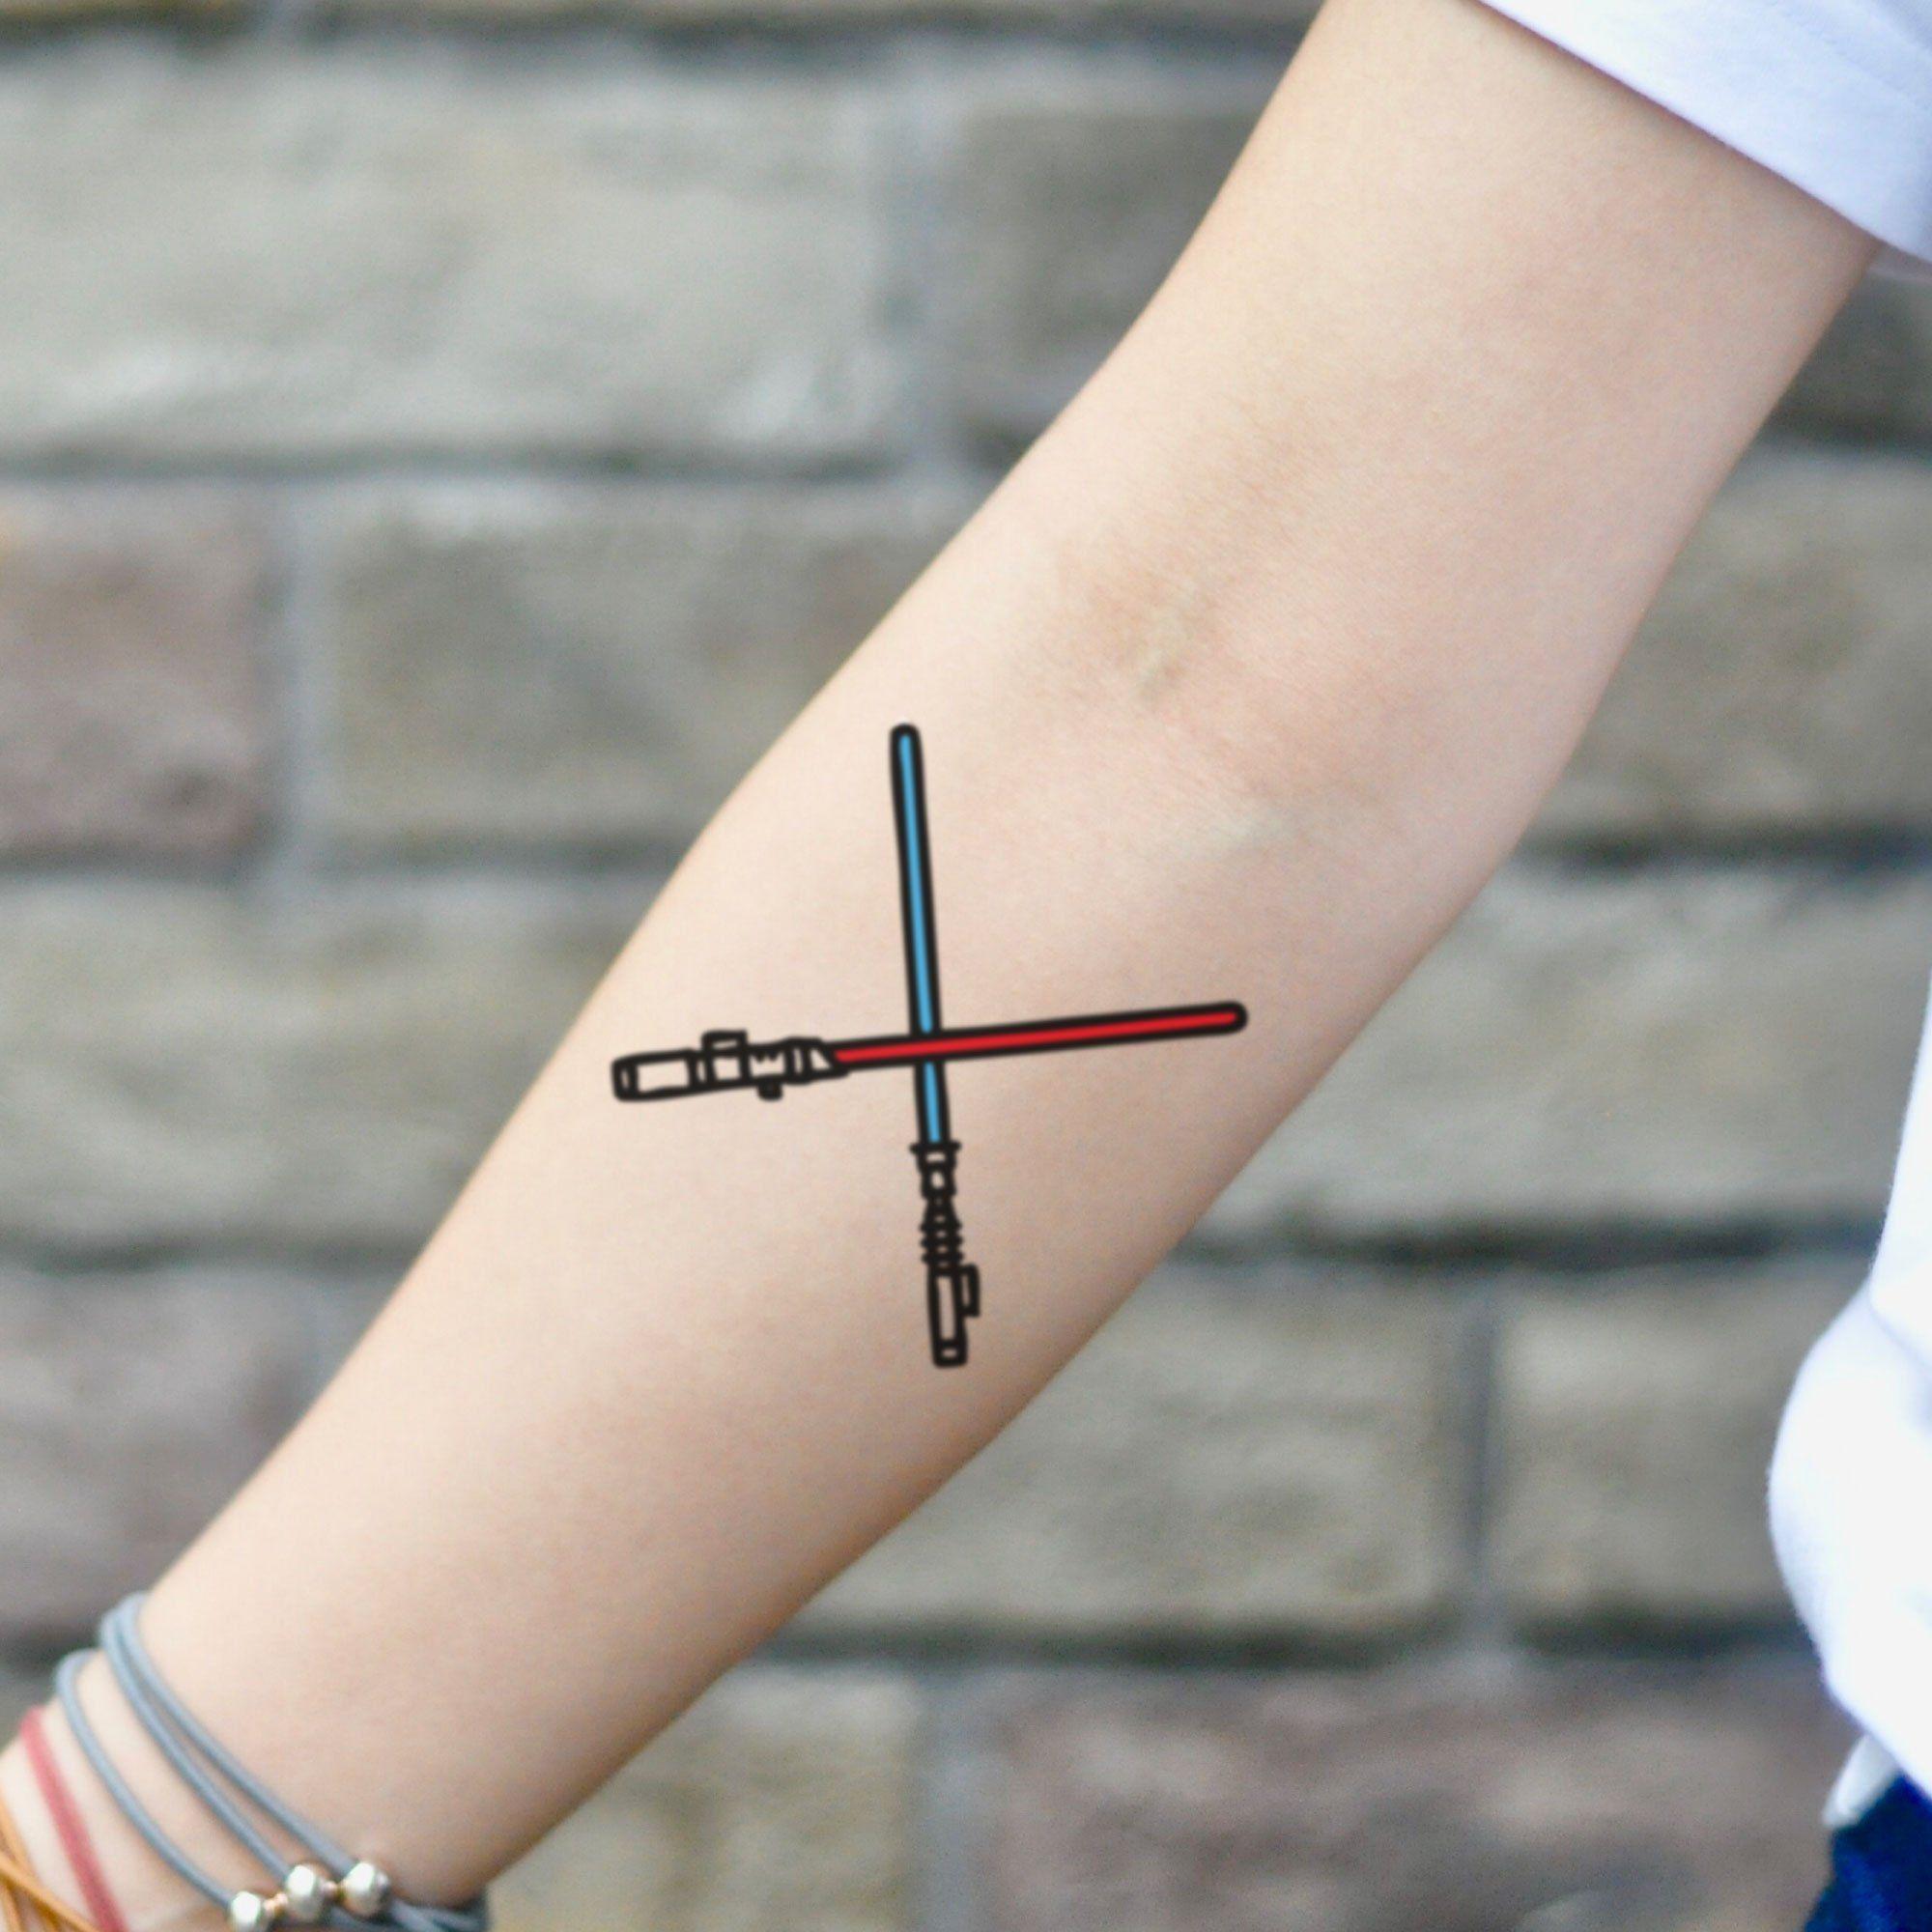 Star Wars Lightsaber Temporary Tattoo Sticker Set Of 2 Dovme